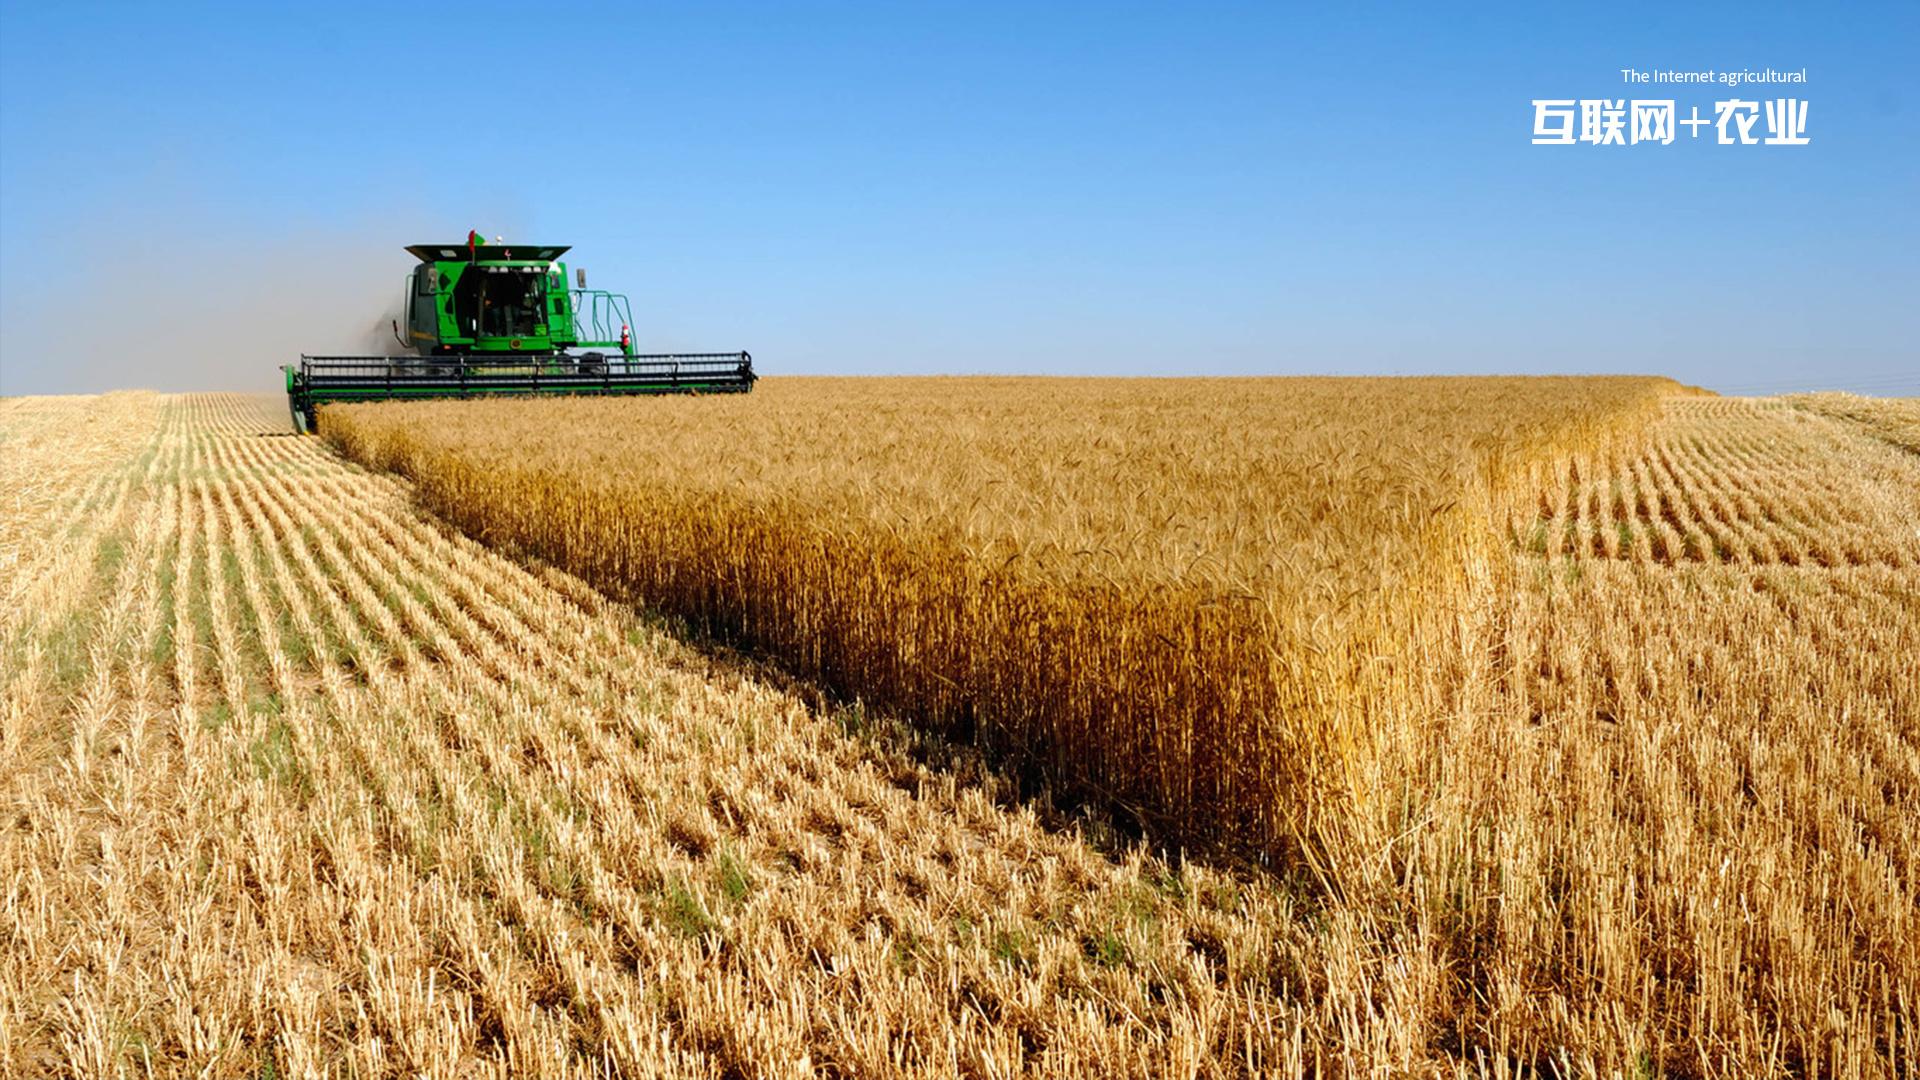 互联网+农业主题系列壁纸